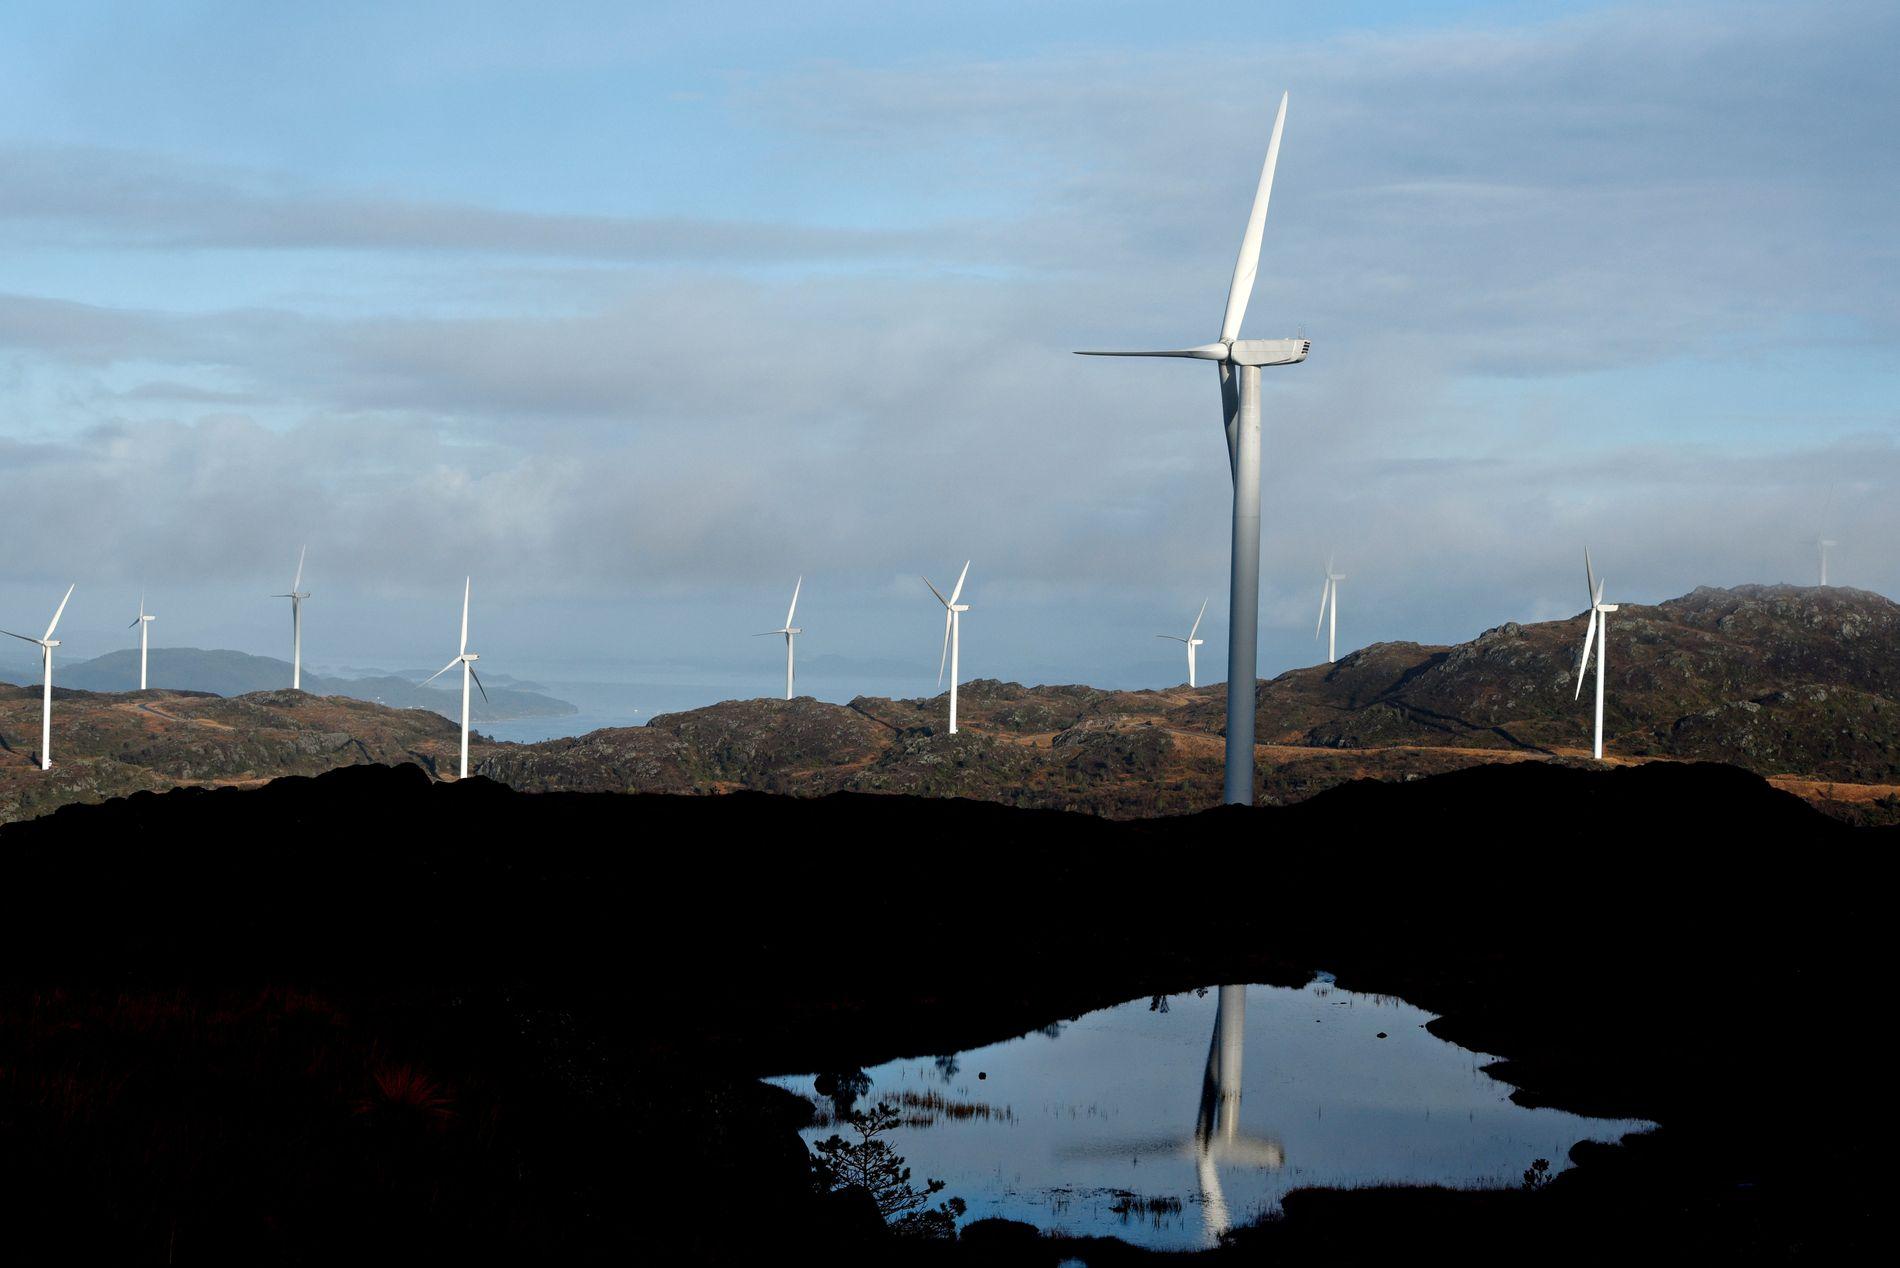 STRENG GODKJENNING: Ulempene med vindparker begrenses ved at Norge har strenge konsesjonsvilkår for vindparker, og svært mange utbyggingsplaner får ikke konsesjon. Men alle disse planene skremmer vindkraftmotstanderne unødig, skriver innsender.